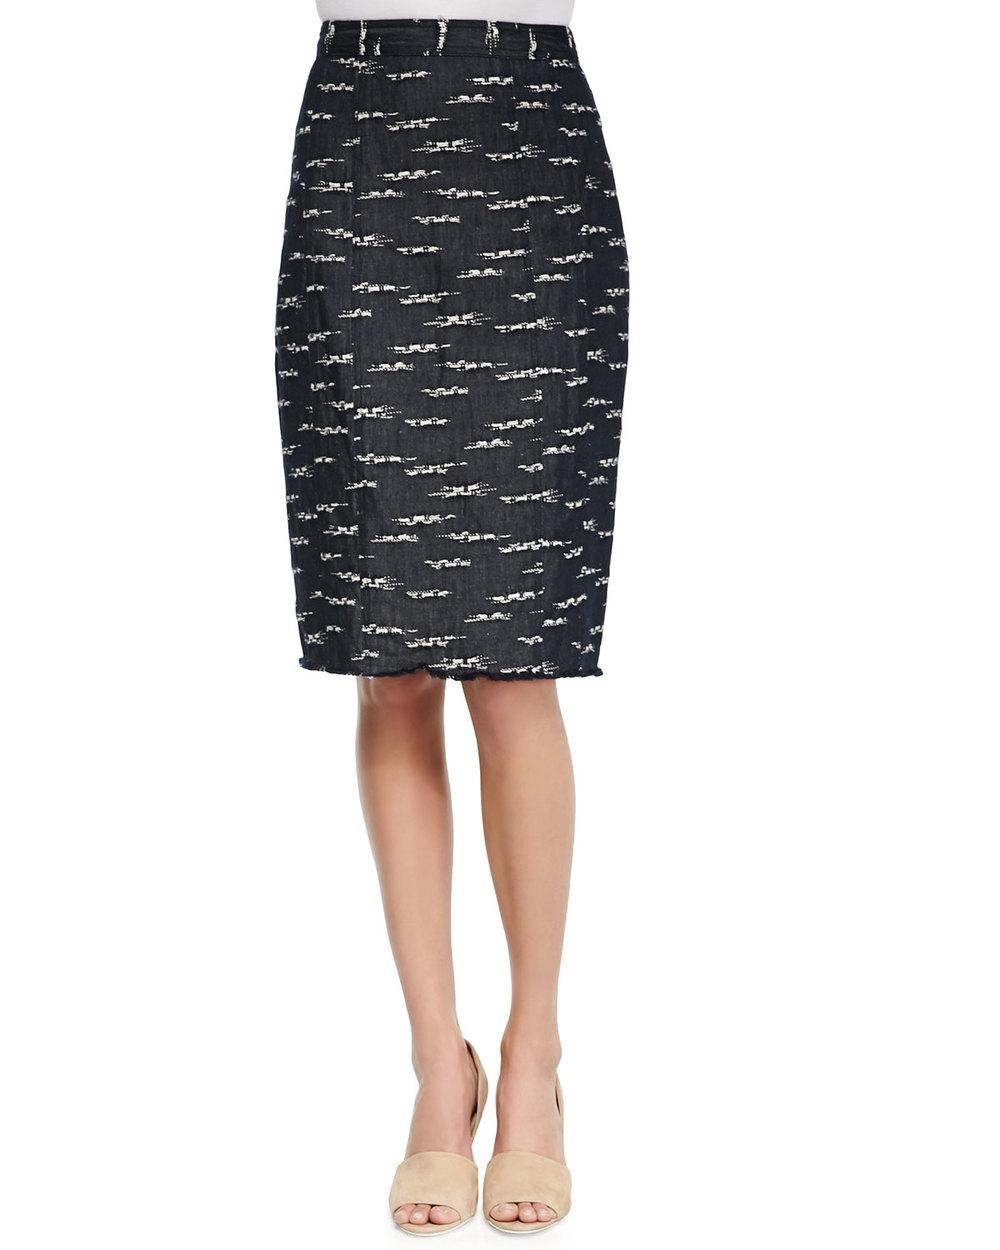 nanette lepore skirt black rowandrue.jpg